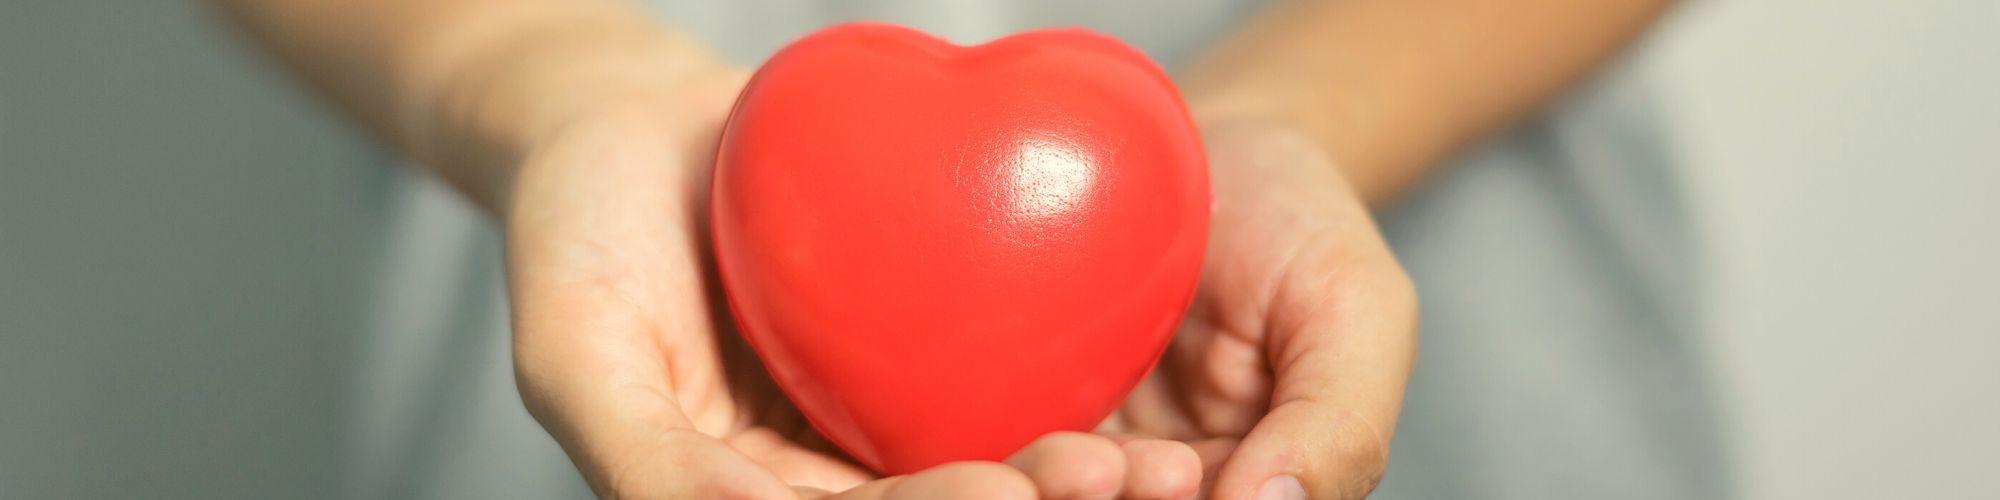 Corazón de goma en manos para ilustrar la calculadora de seguro de vida